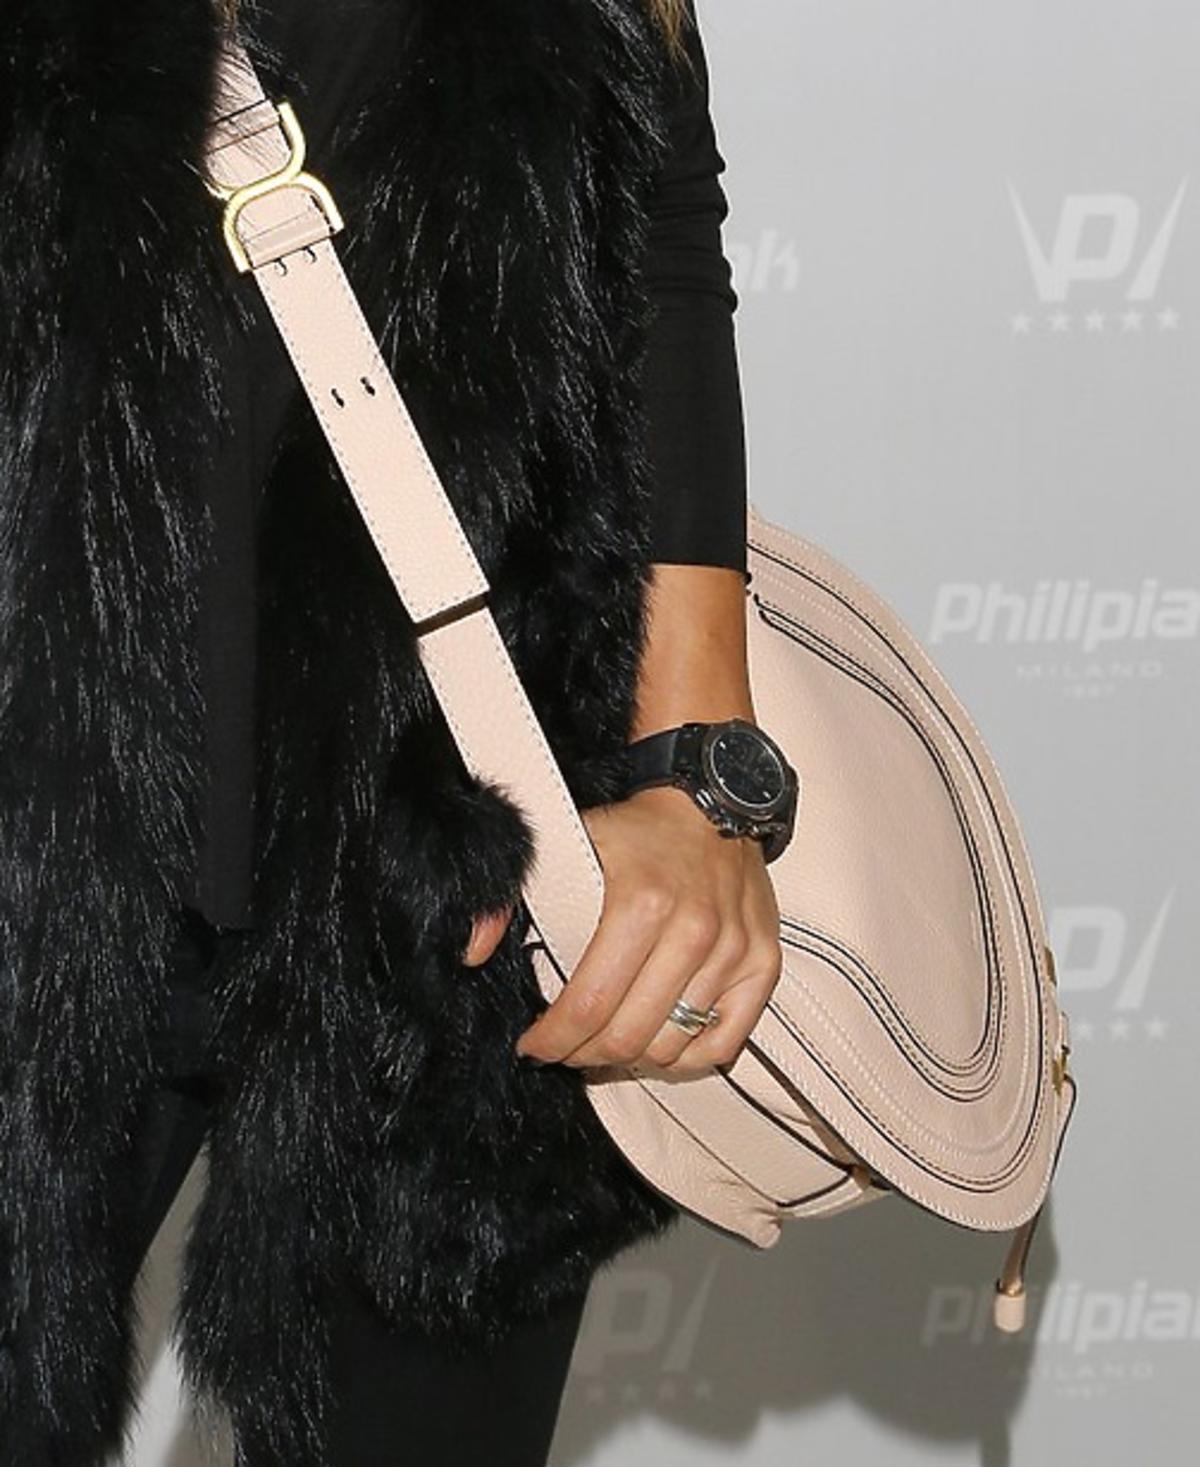 Anna Lewandowska w czarnych spodniach i futerku z pastelową torbą i w butach w kolrze pudrowego różu